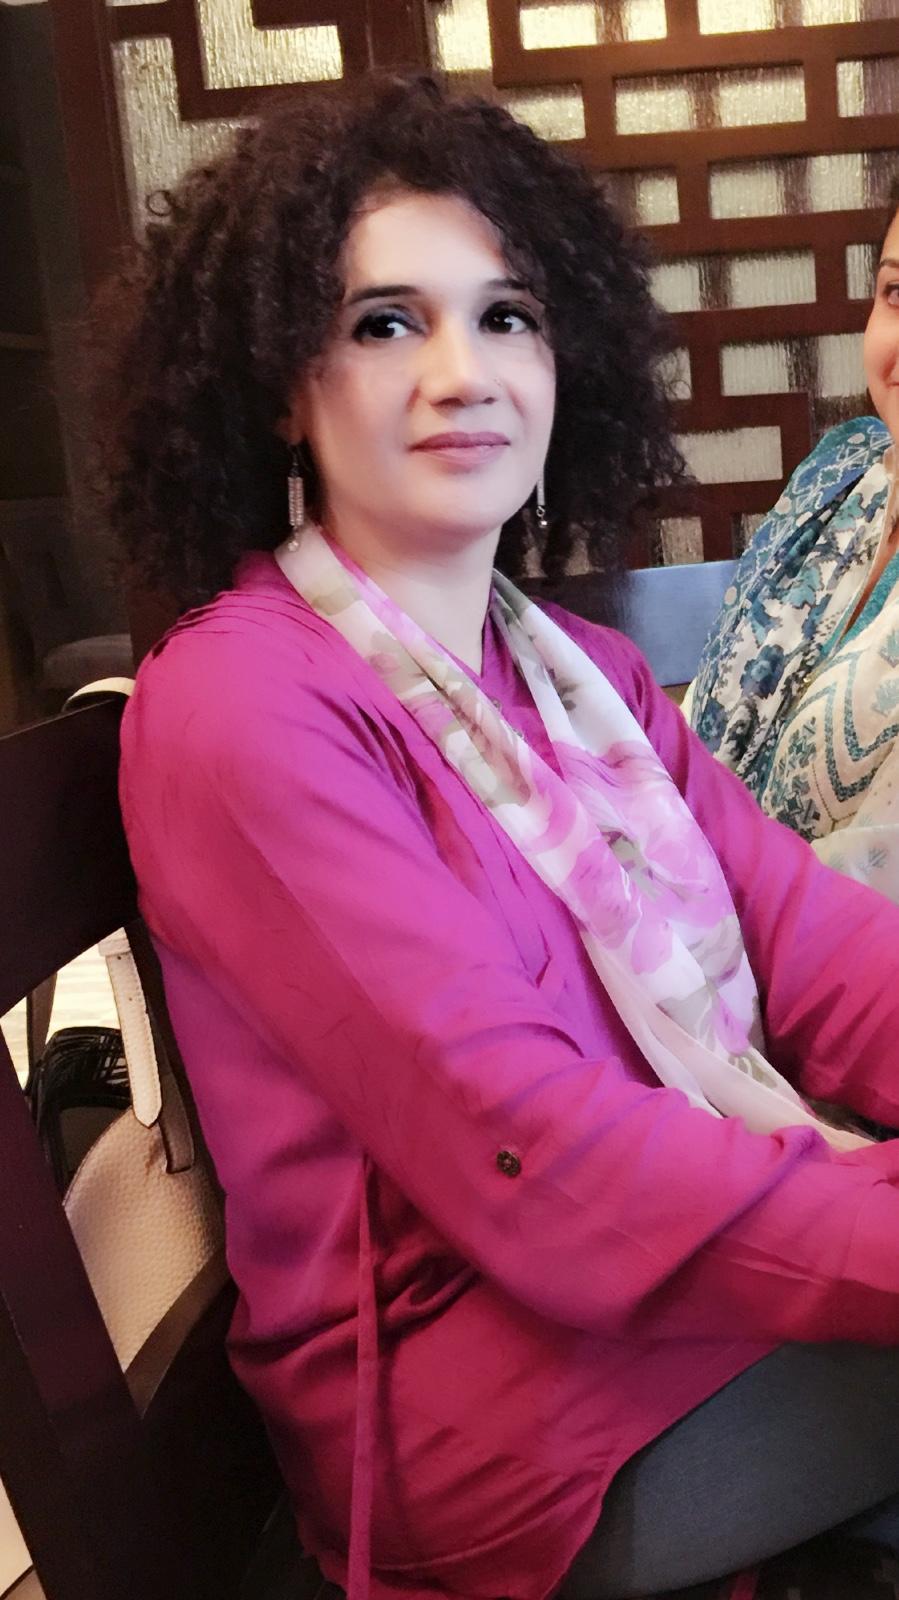 Attia Zulfiqar